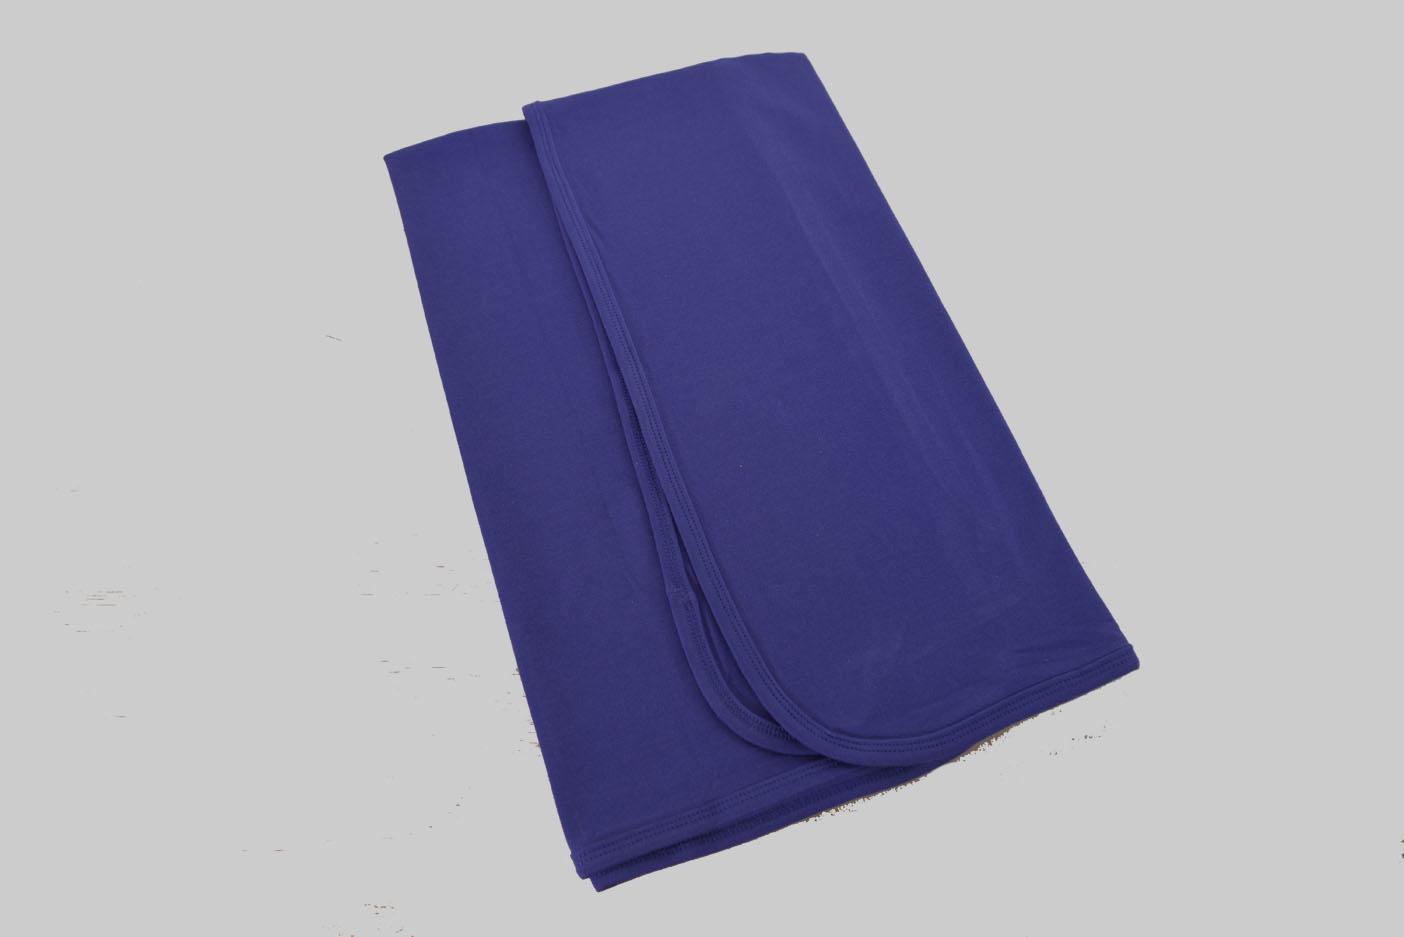 Purple Receiving Blanket